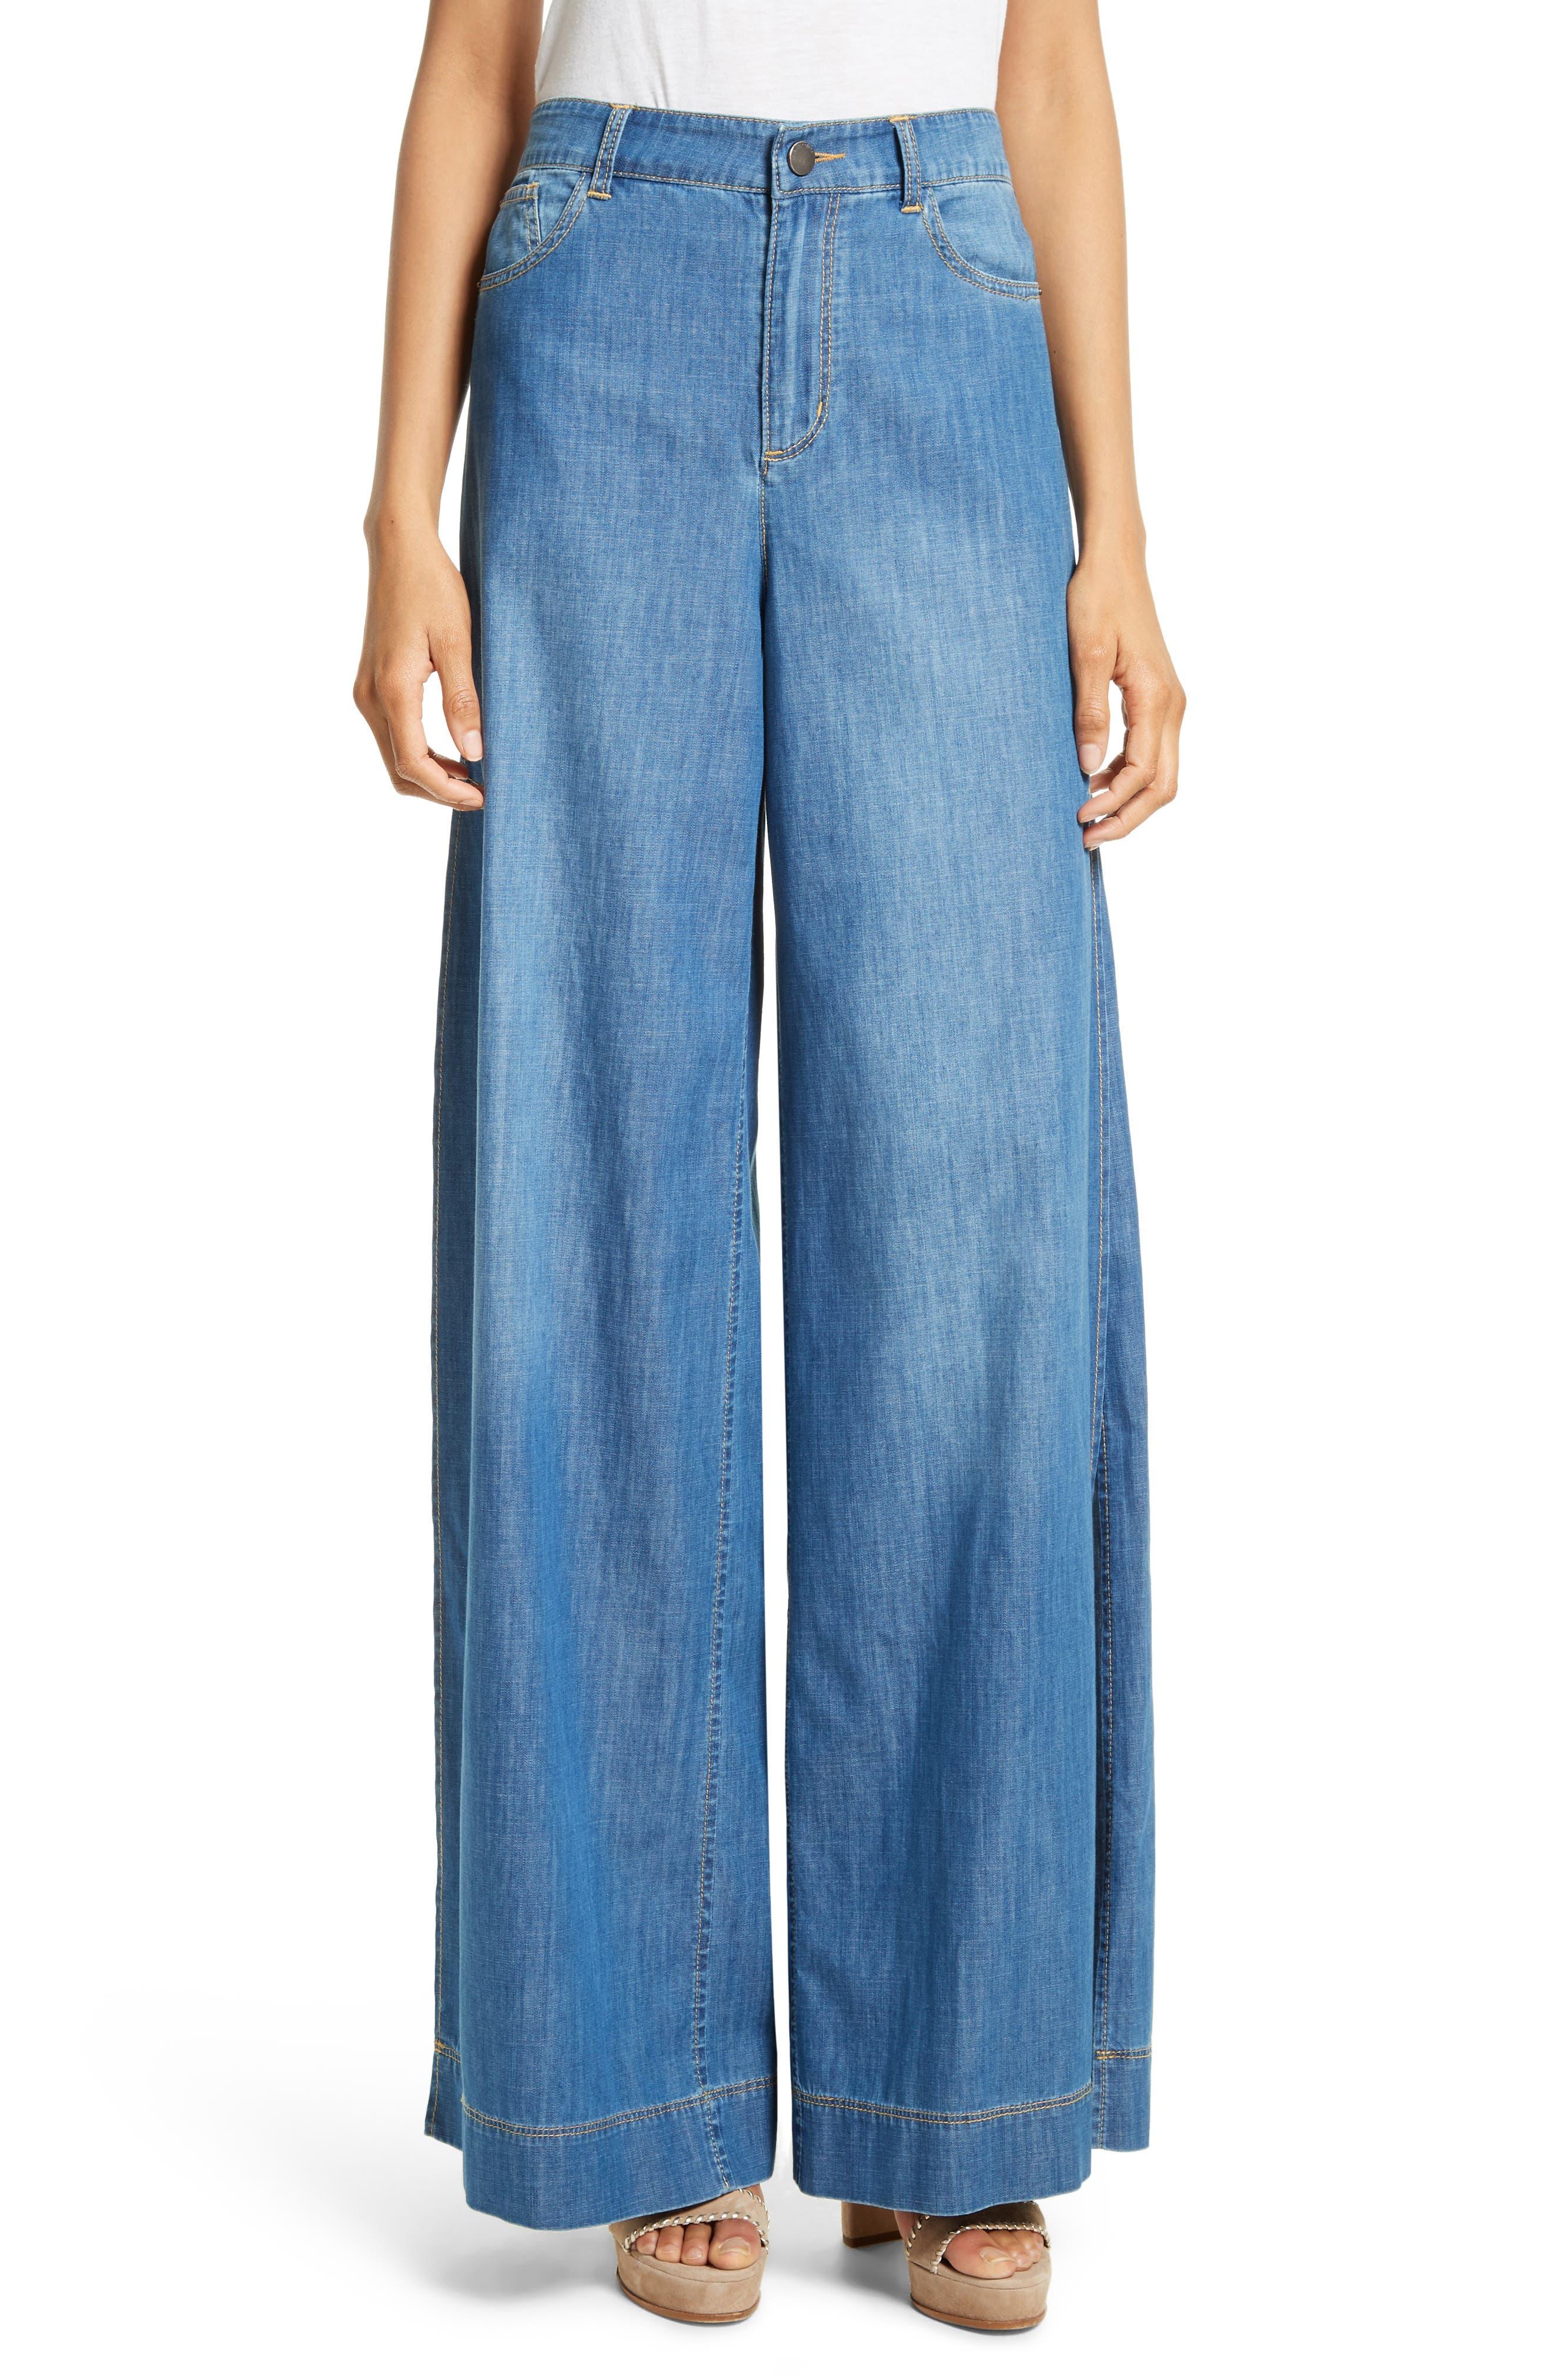 Clarissa Side Slit Wide Leg Jeans,                         Main,                         color, 470